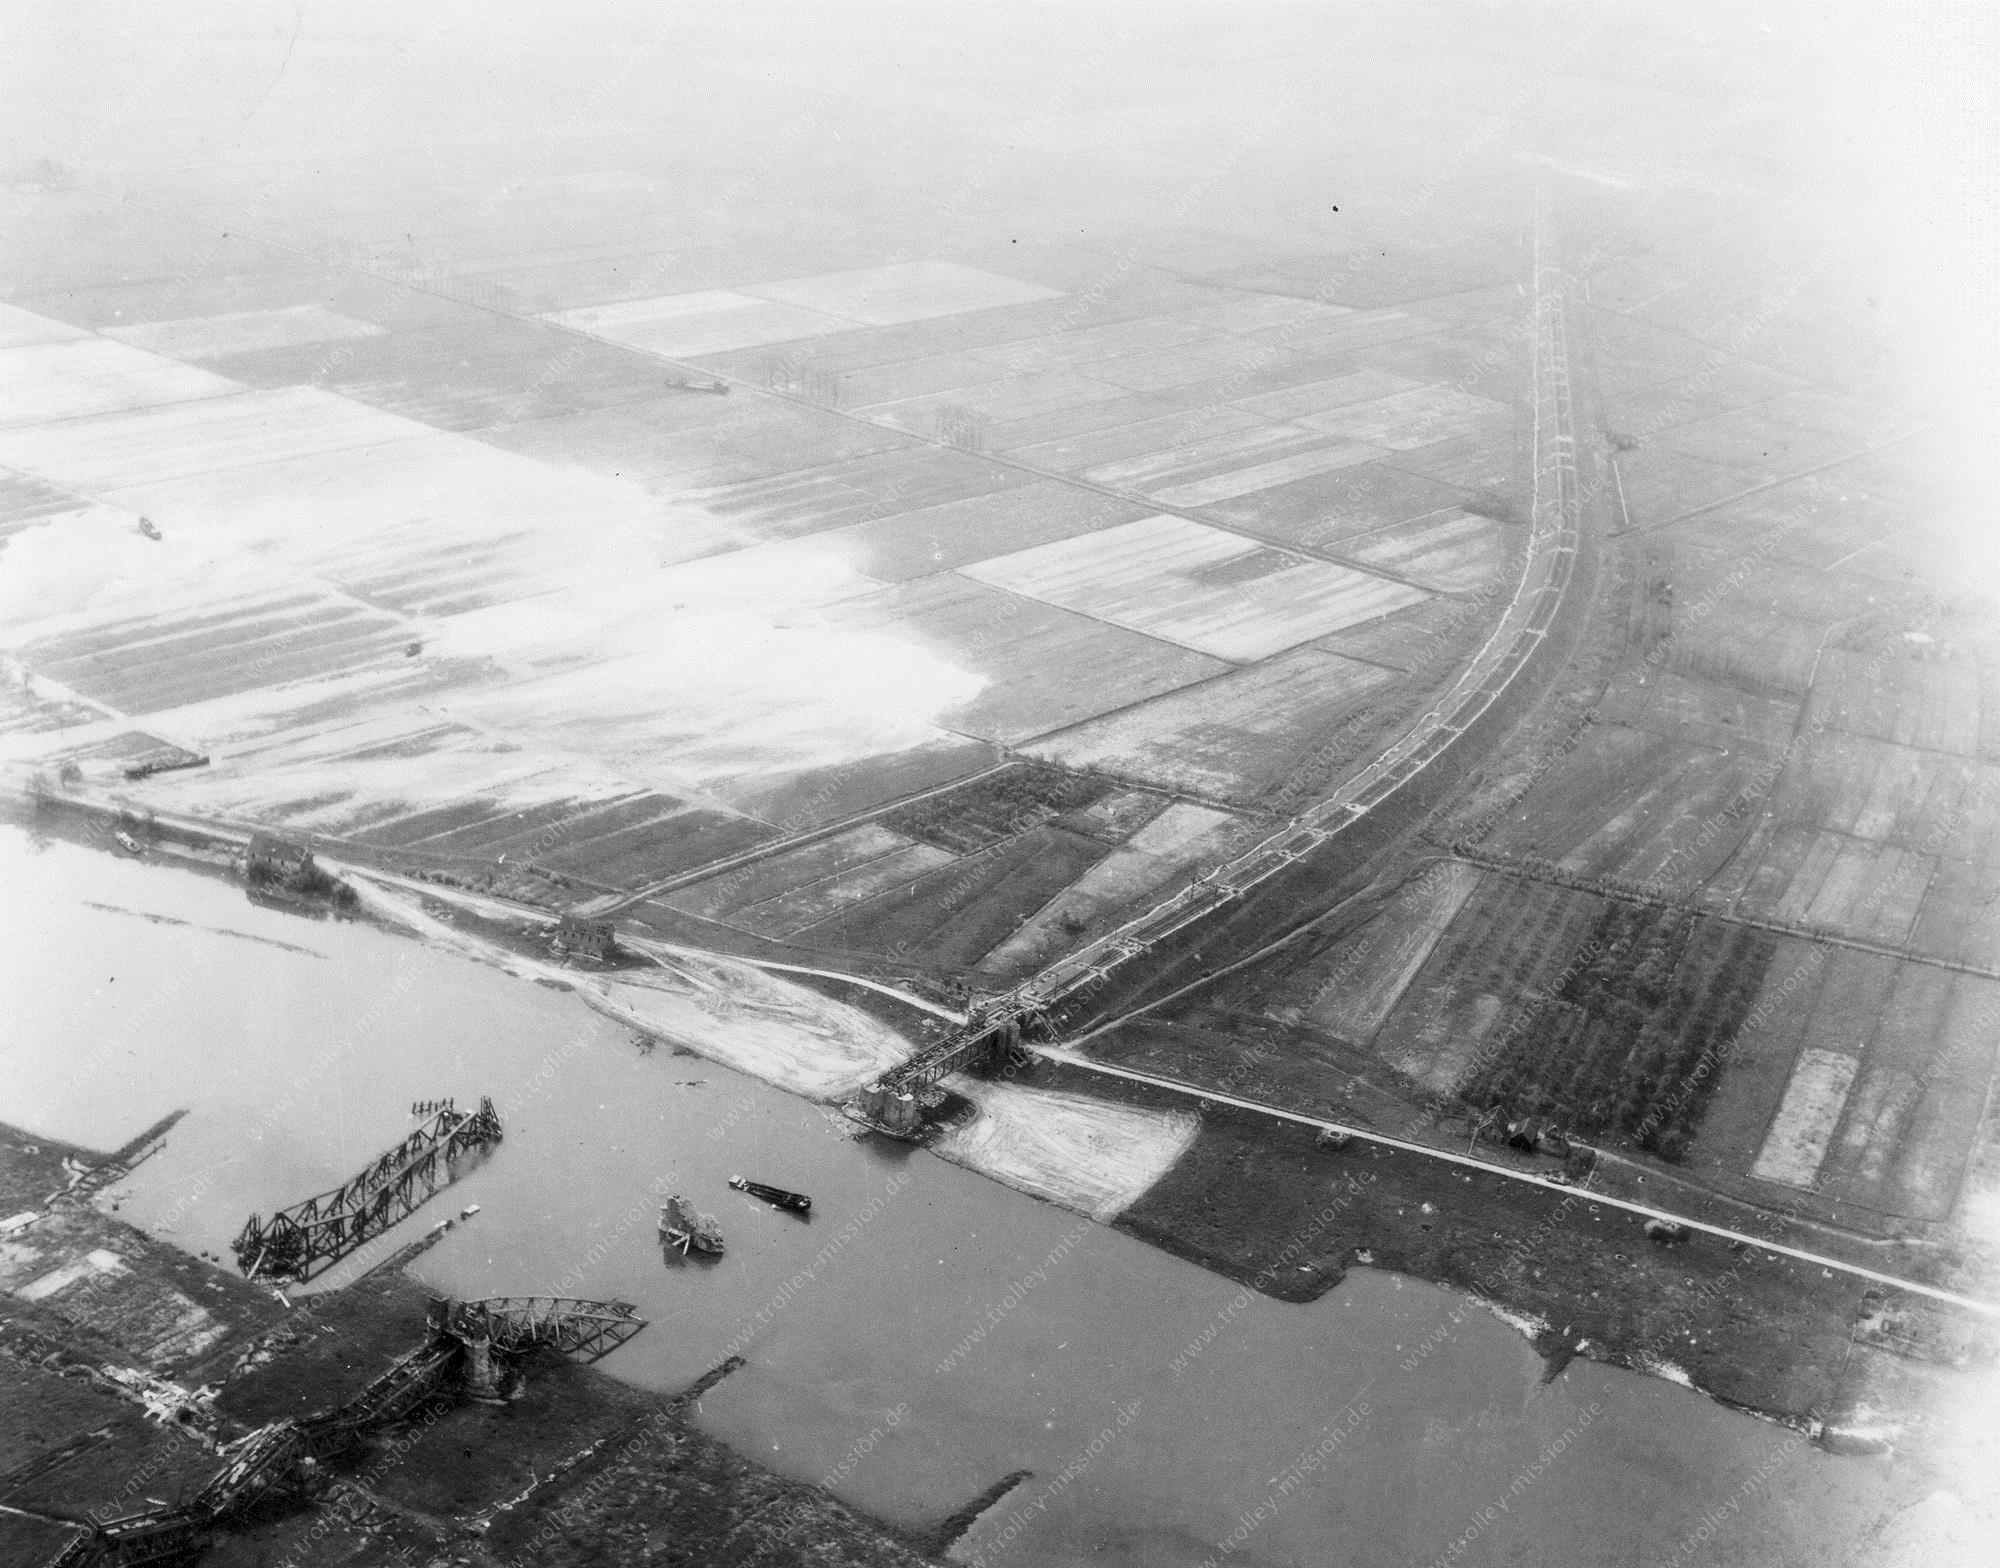 Luchtopname: De vernielde Spoorbrug Oosterbeek over de Nederrijn bij Arnhem